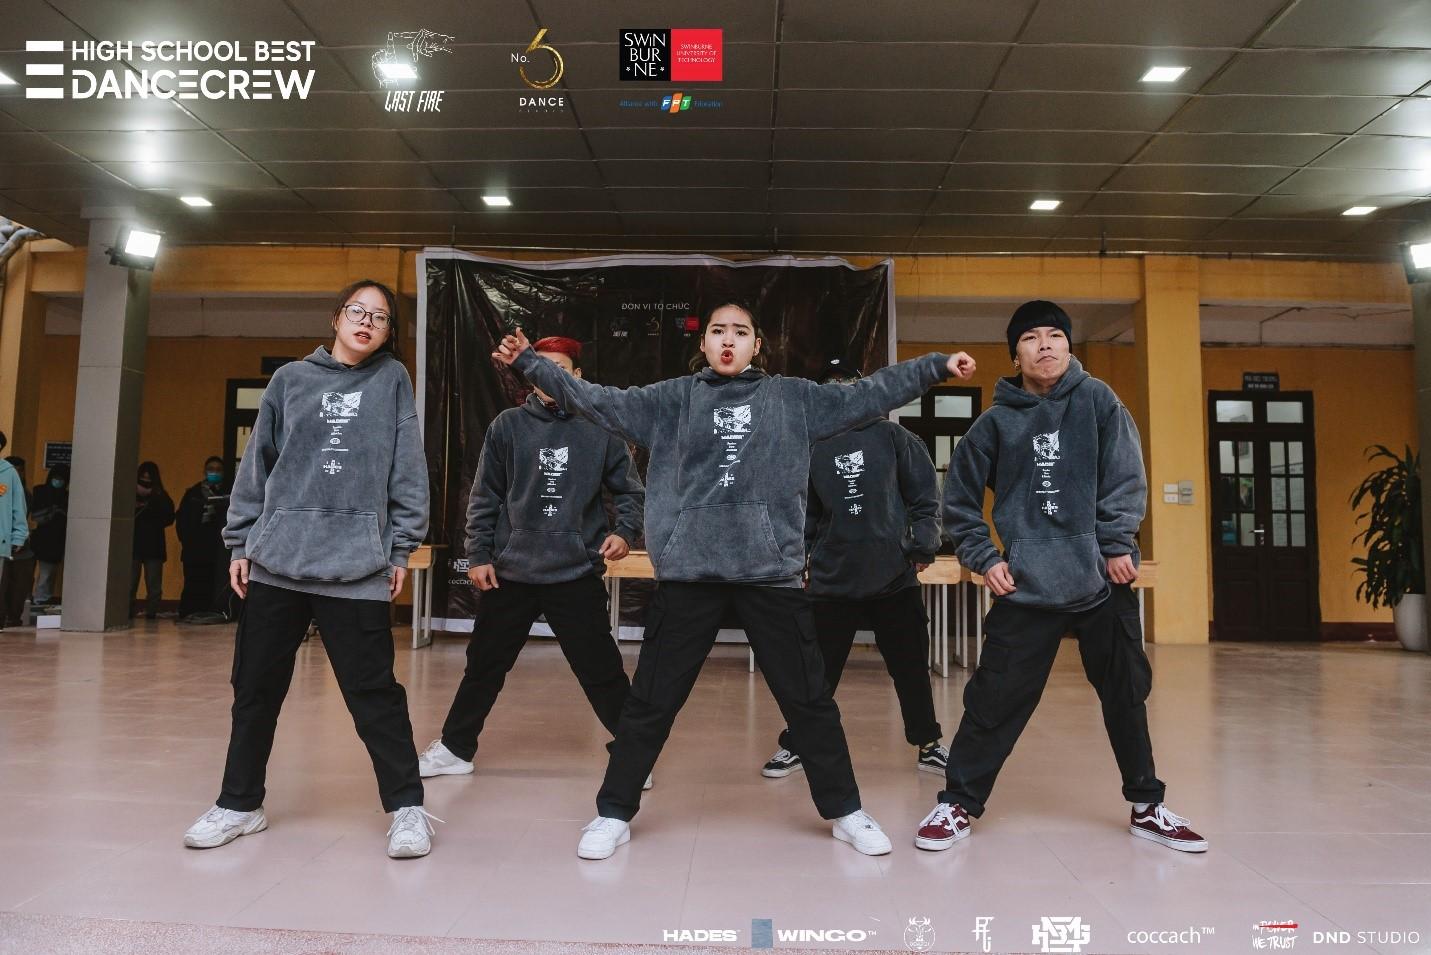 Hades đồng hành cùng giới trẻ trong chương trình High School Best Dance Crew 2021 2